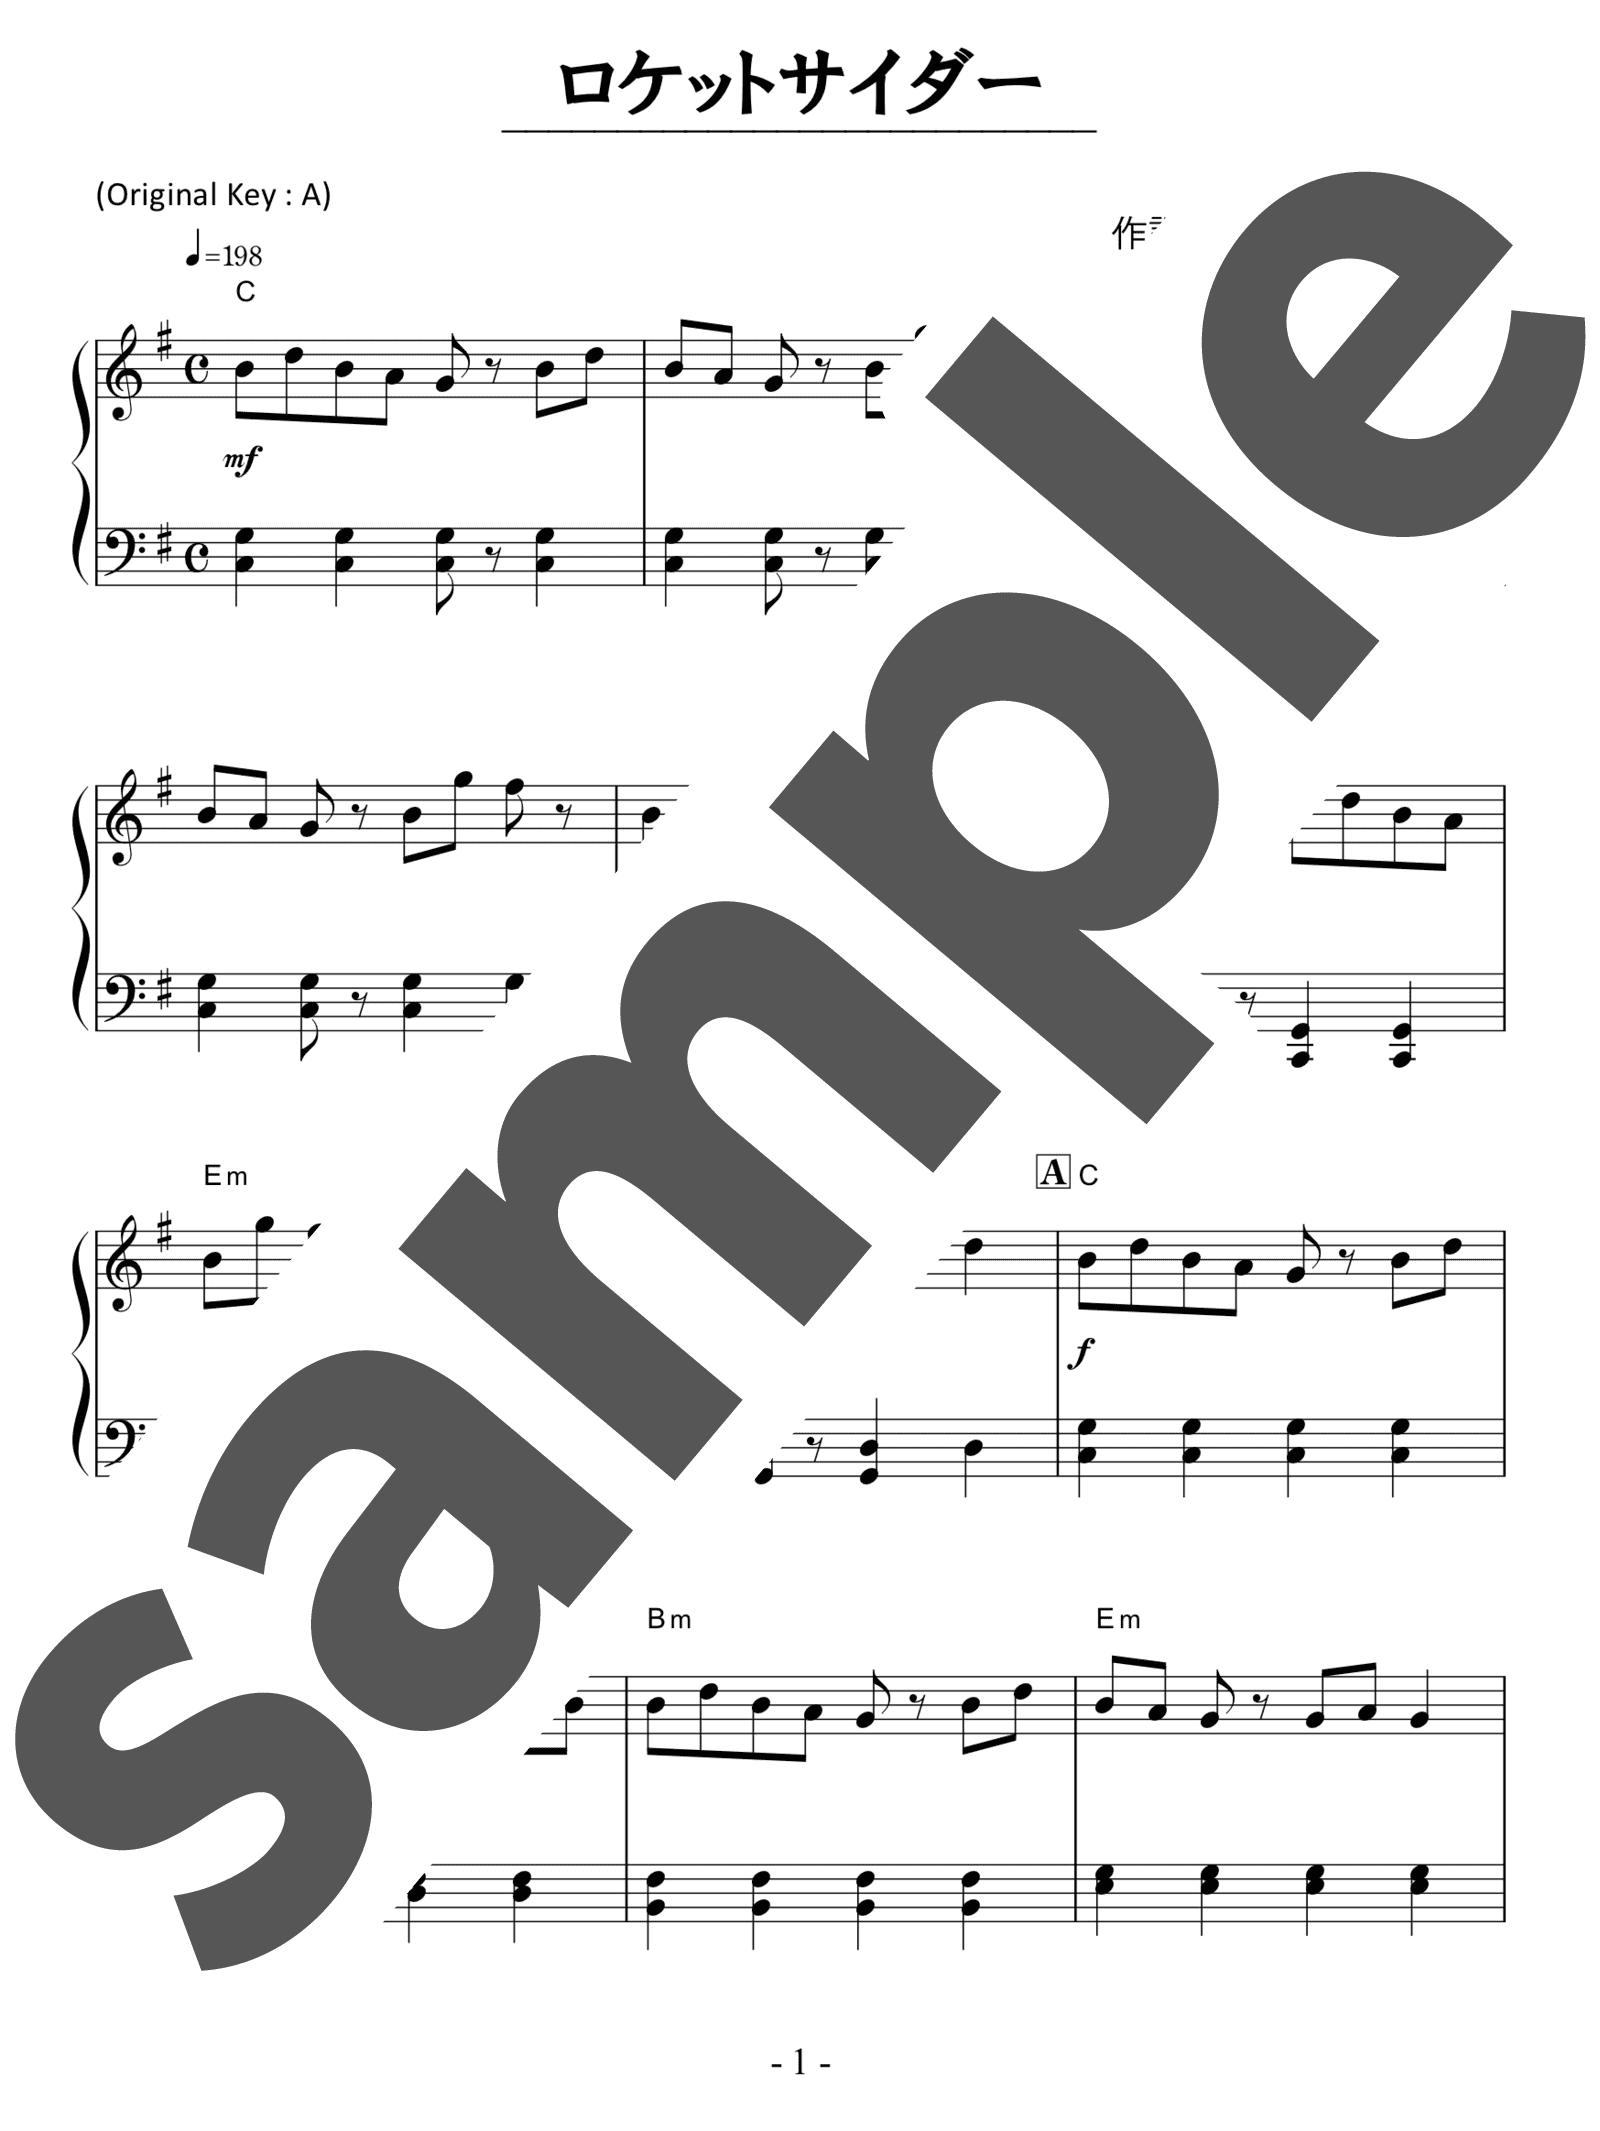 「ロケットサイダー」のサンプル楽譜